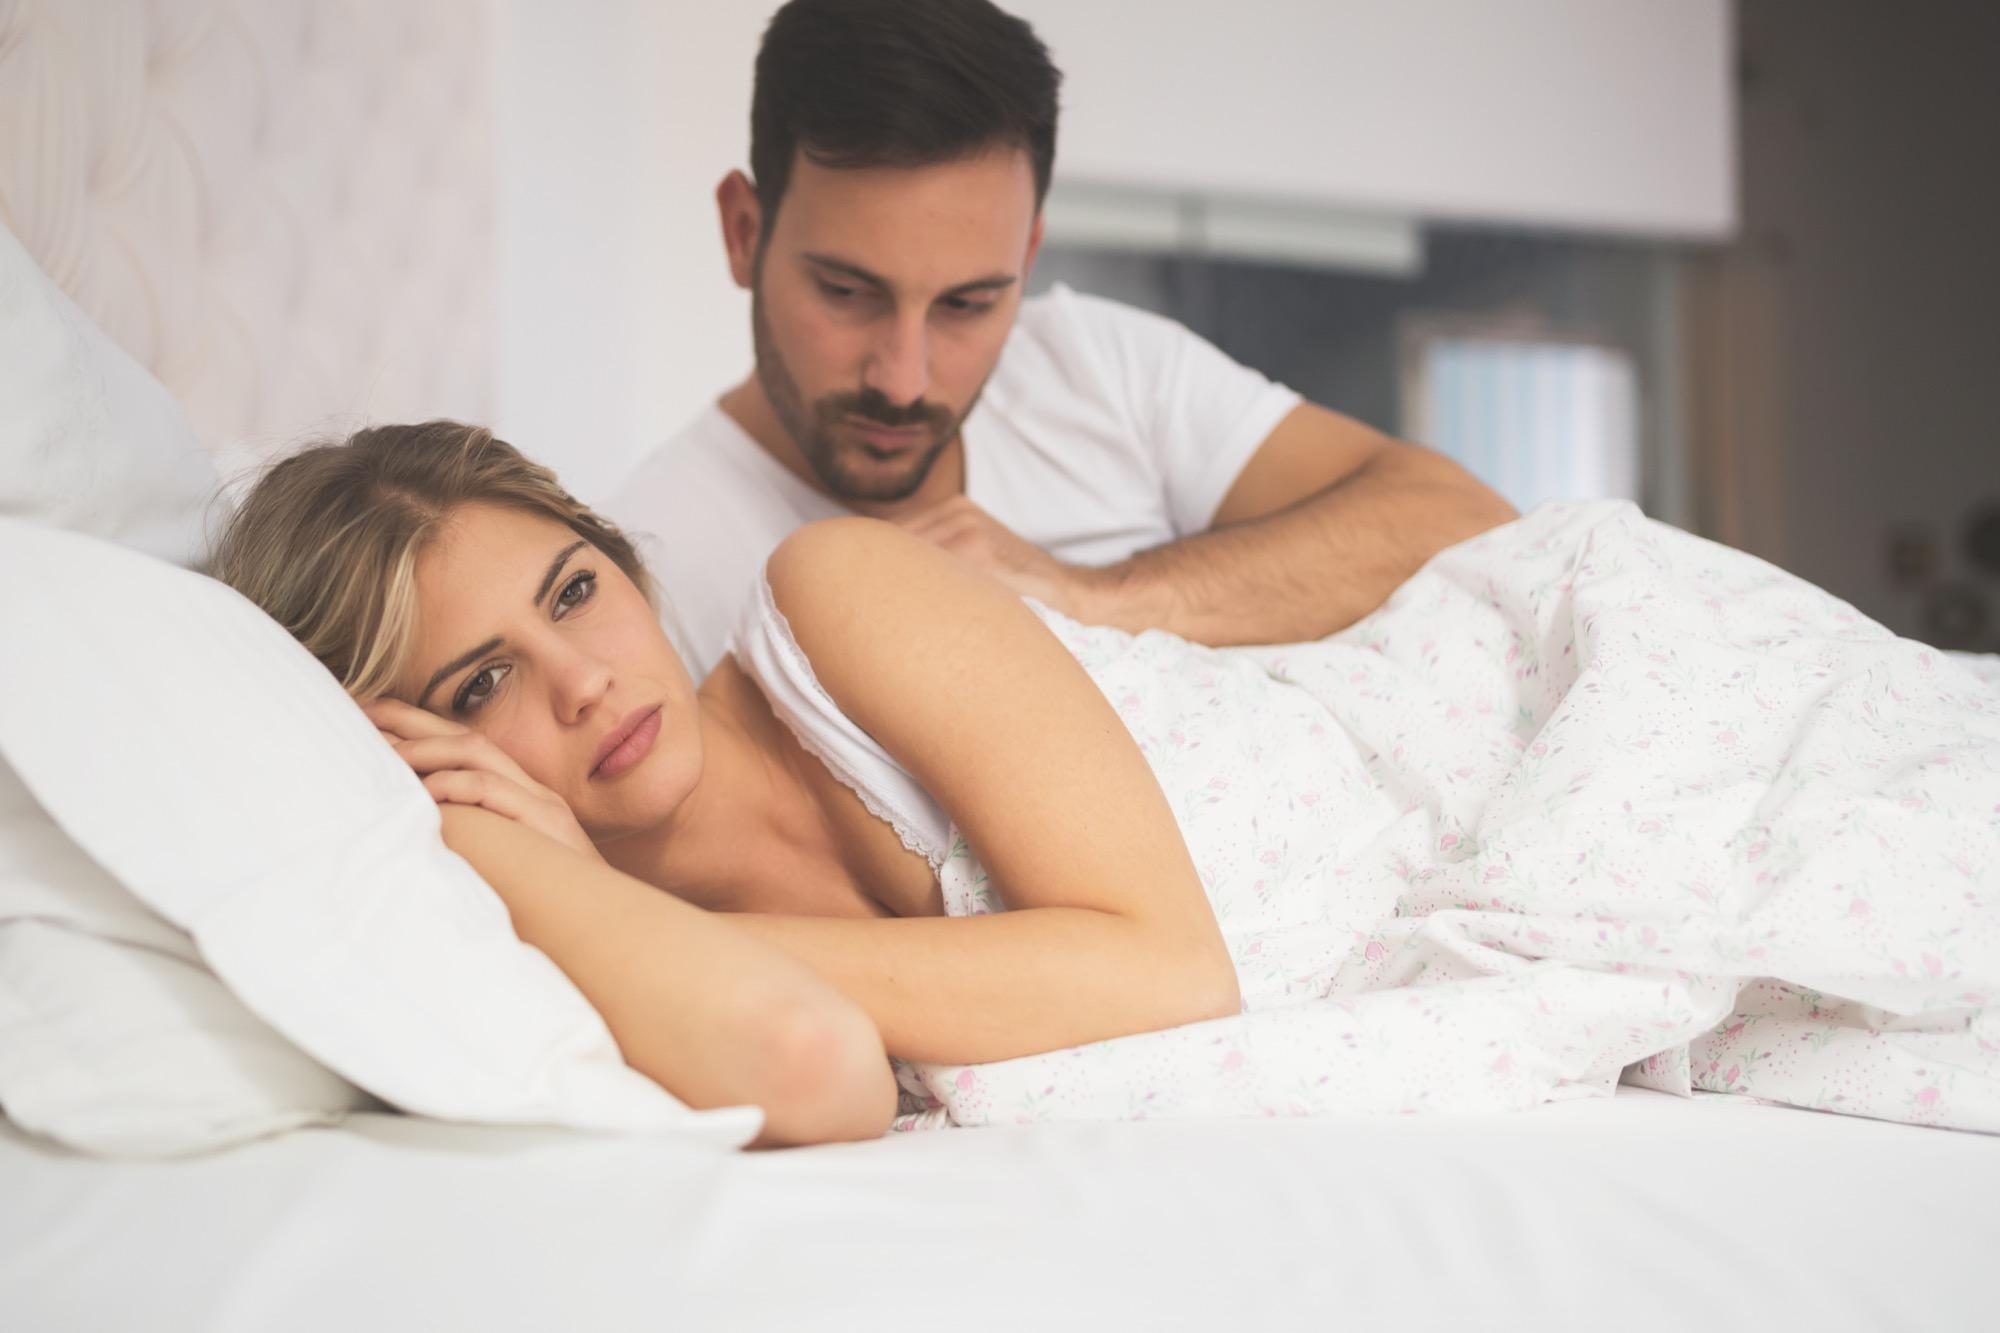 22 jährige frau dating 34 jahre alten mann